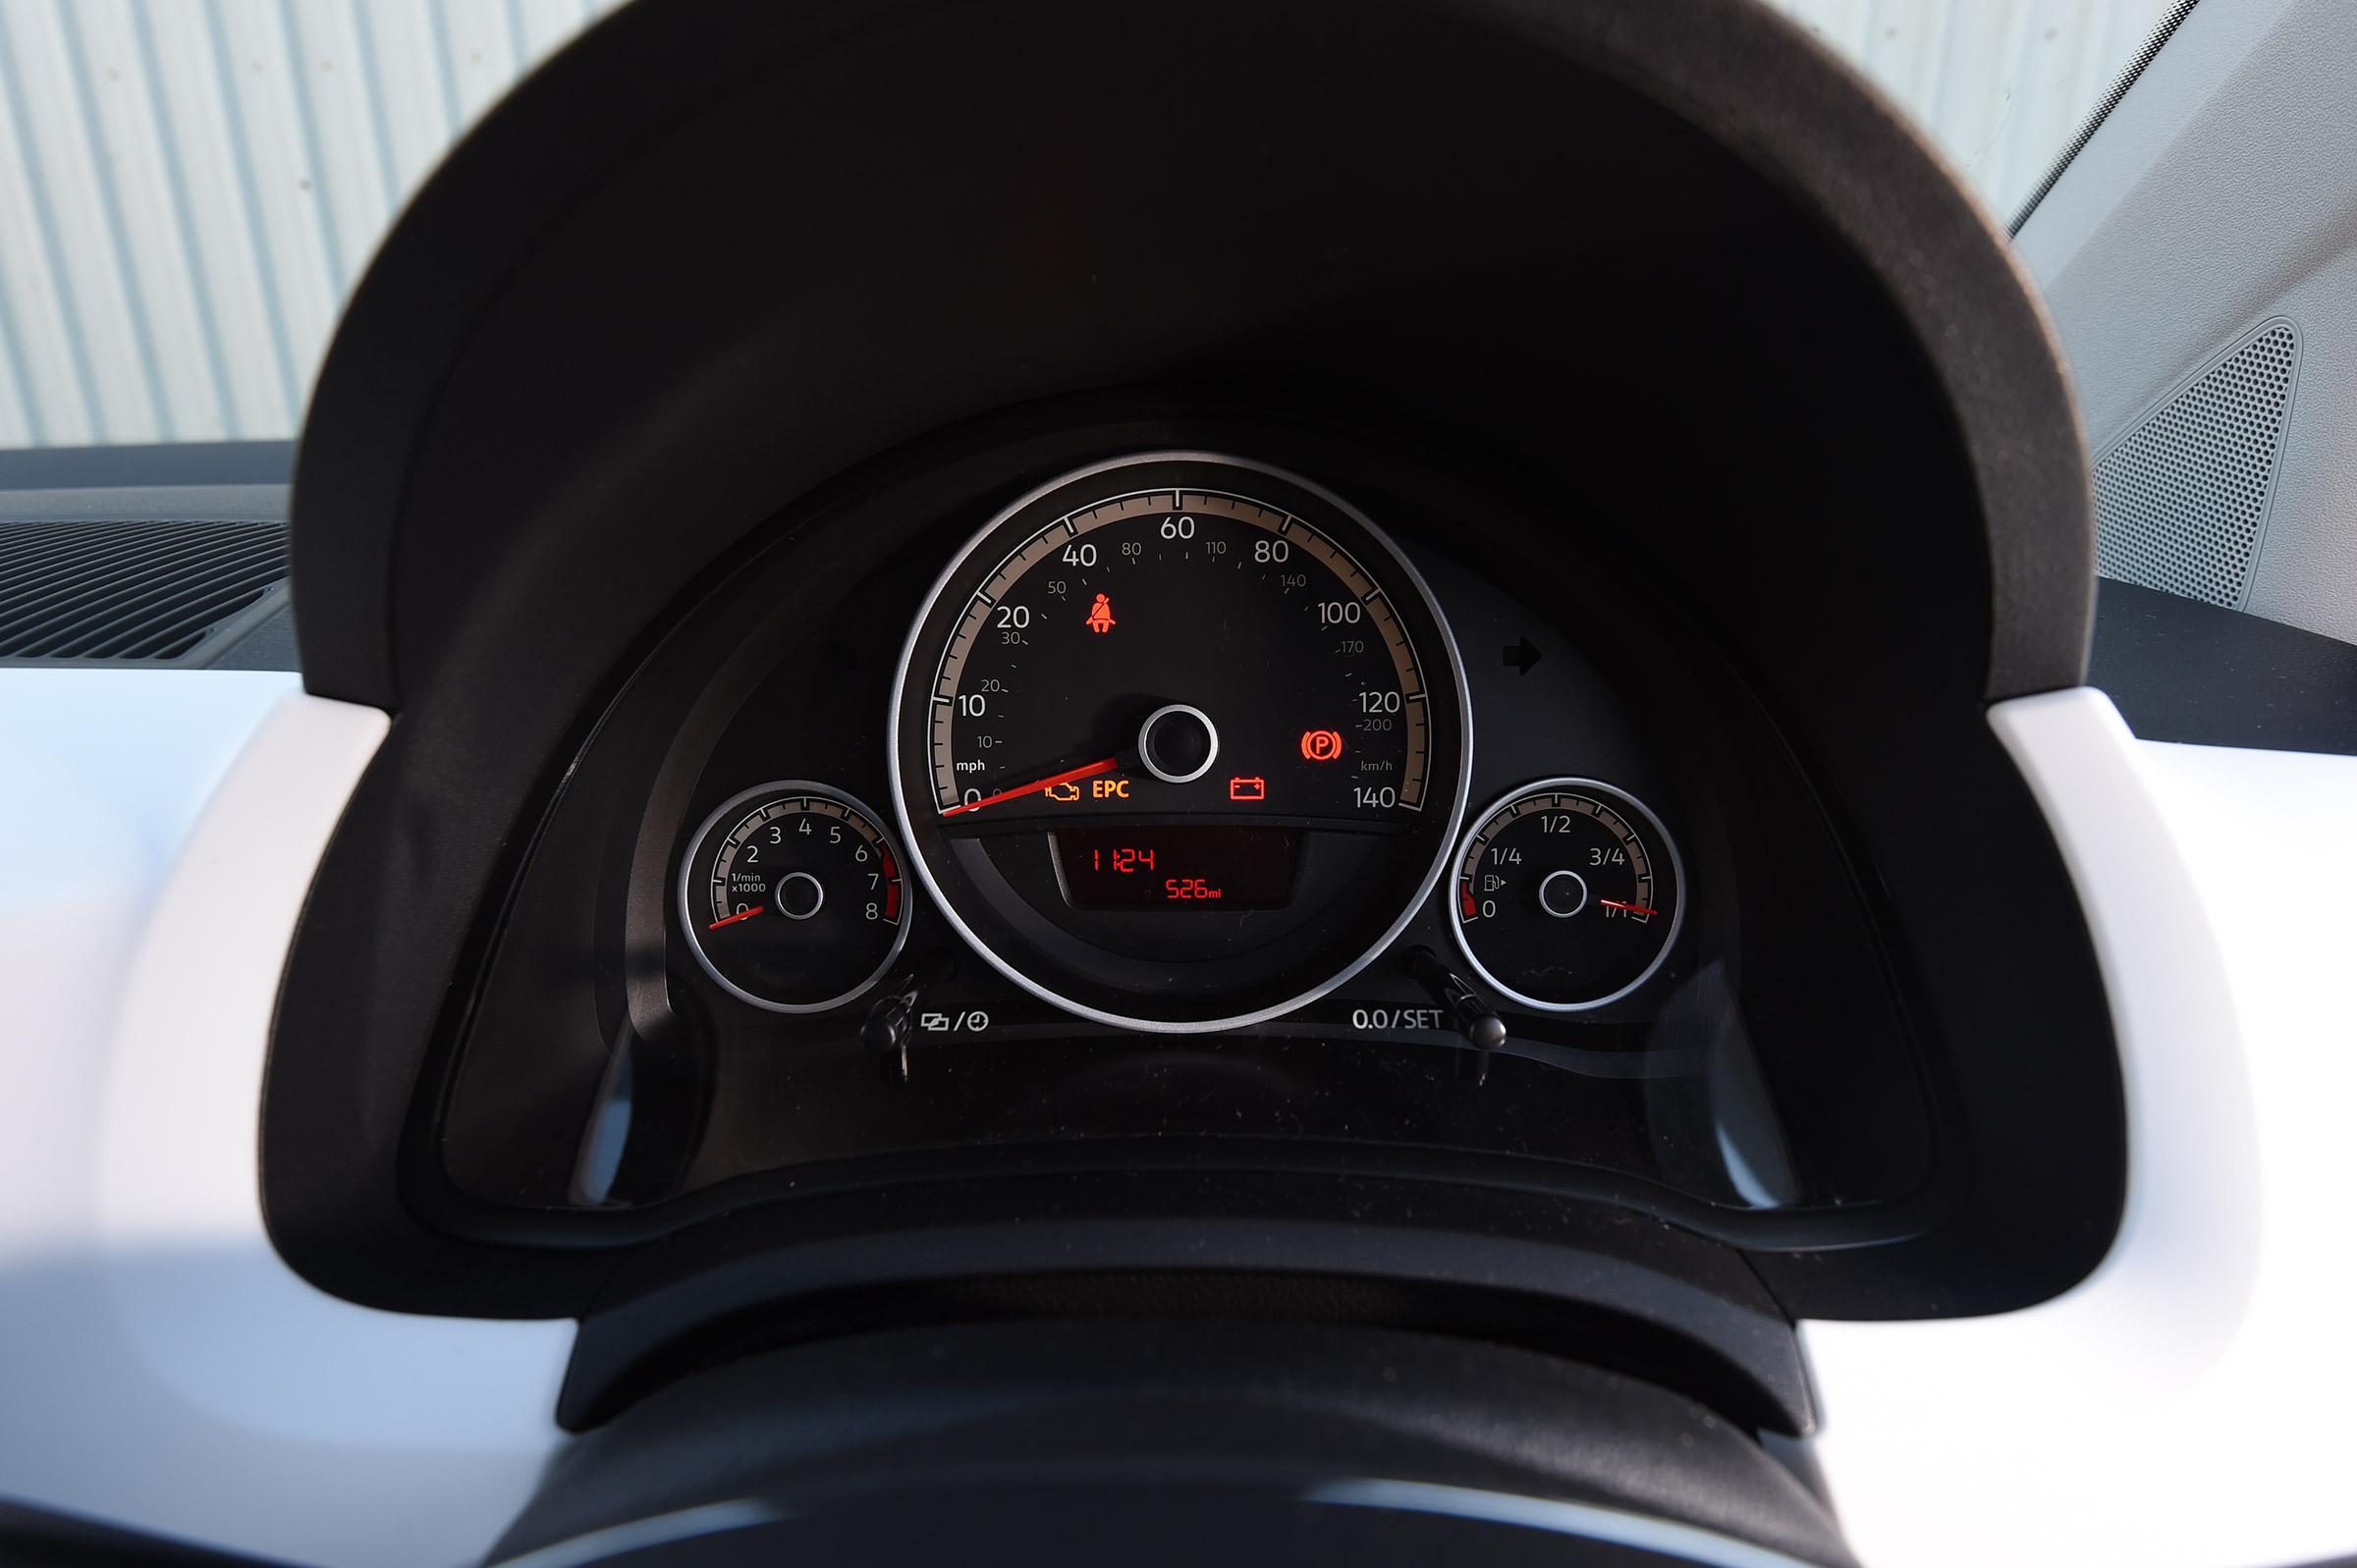 2017 Volkswagen Up Interior View Speedometer Instrument Cluster (View 7 of 15)